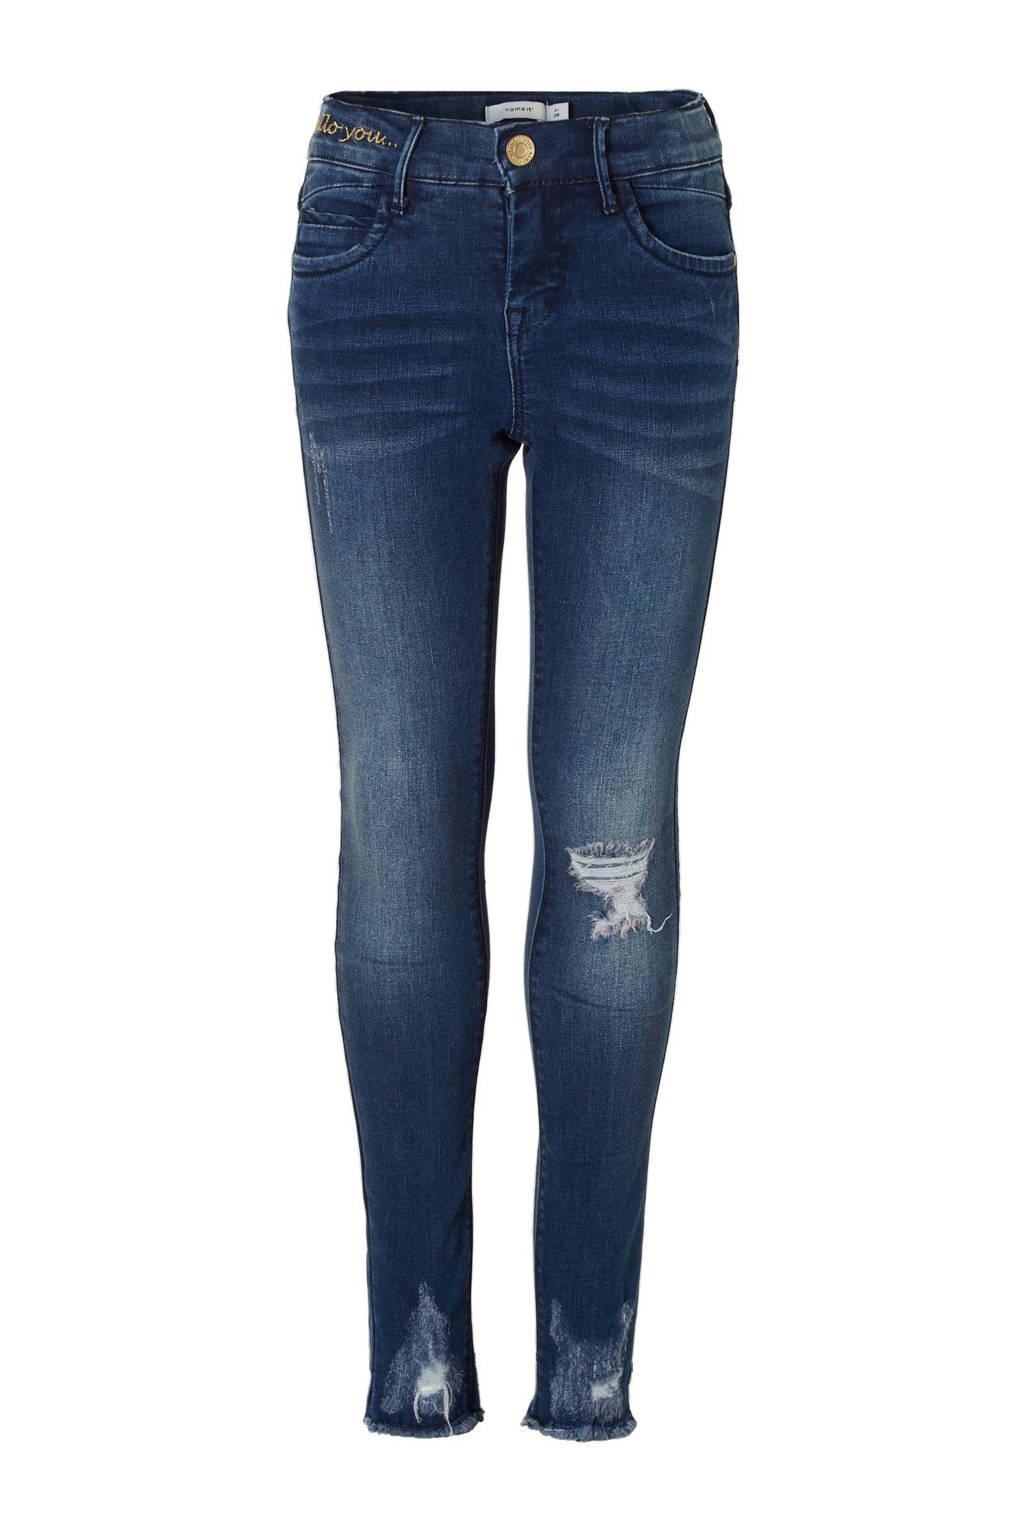 name it KIDS Polly skinny fit jeans, Dark blue denim